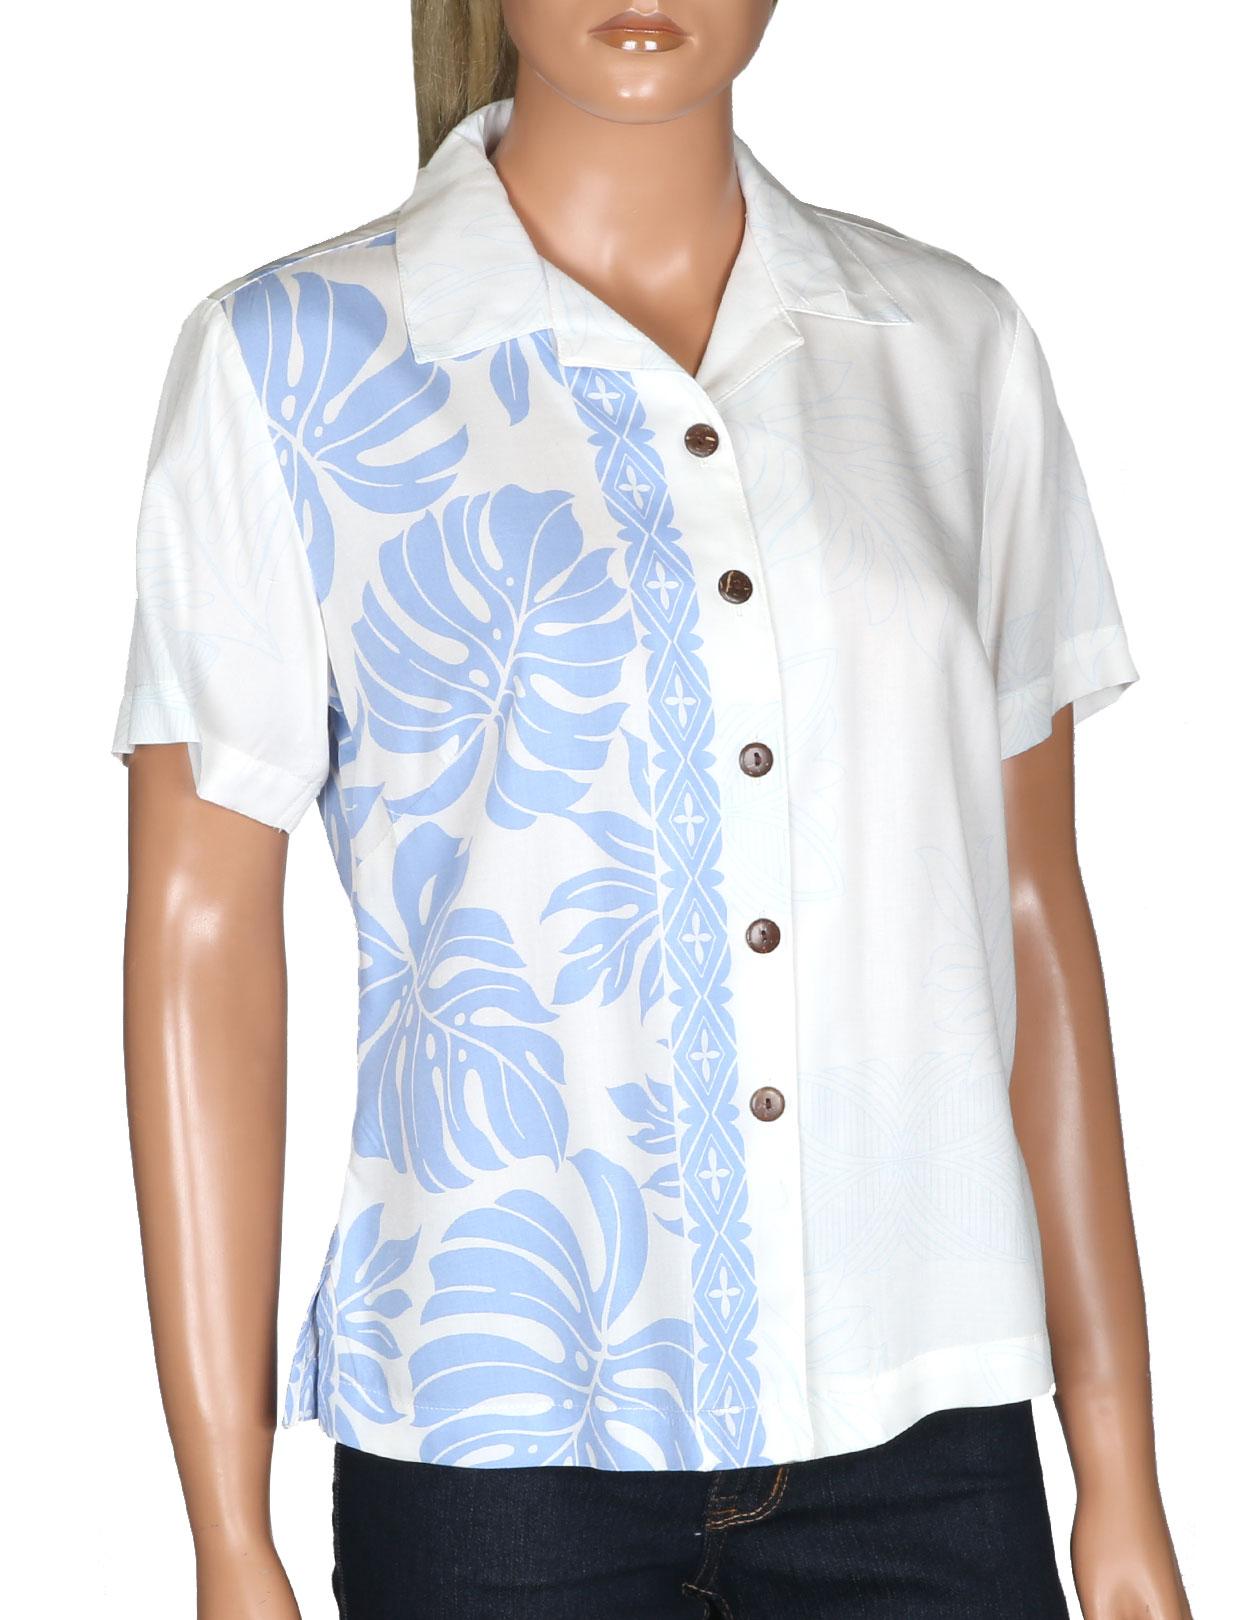 632a38ae947e1a Womens Hawaiian Shirts - Tops and Blouses - Shaka Time Hawaii